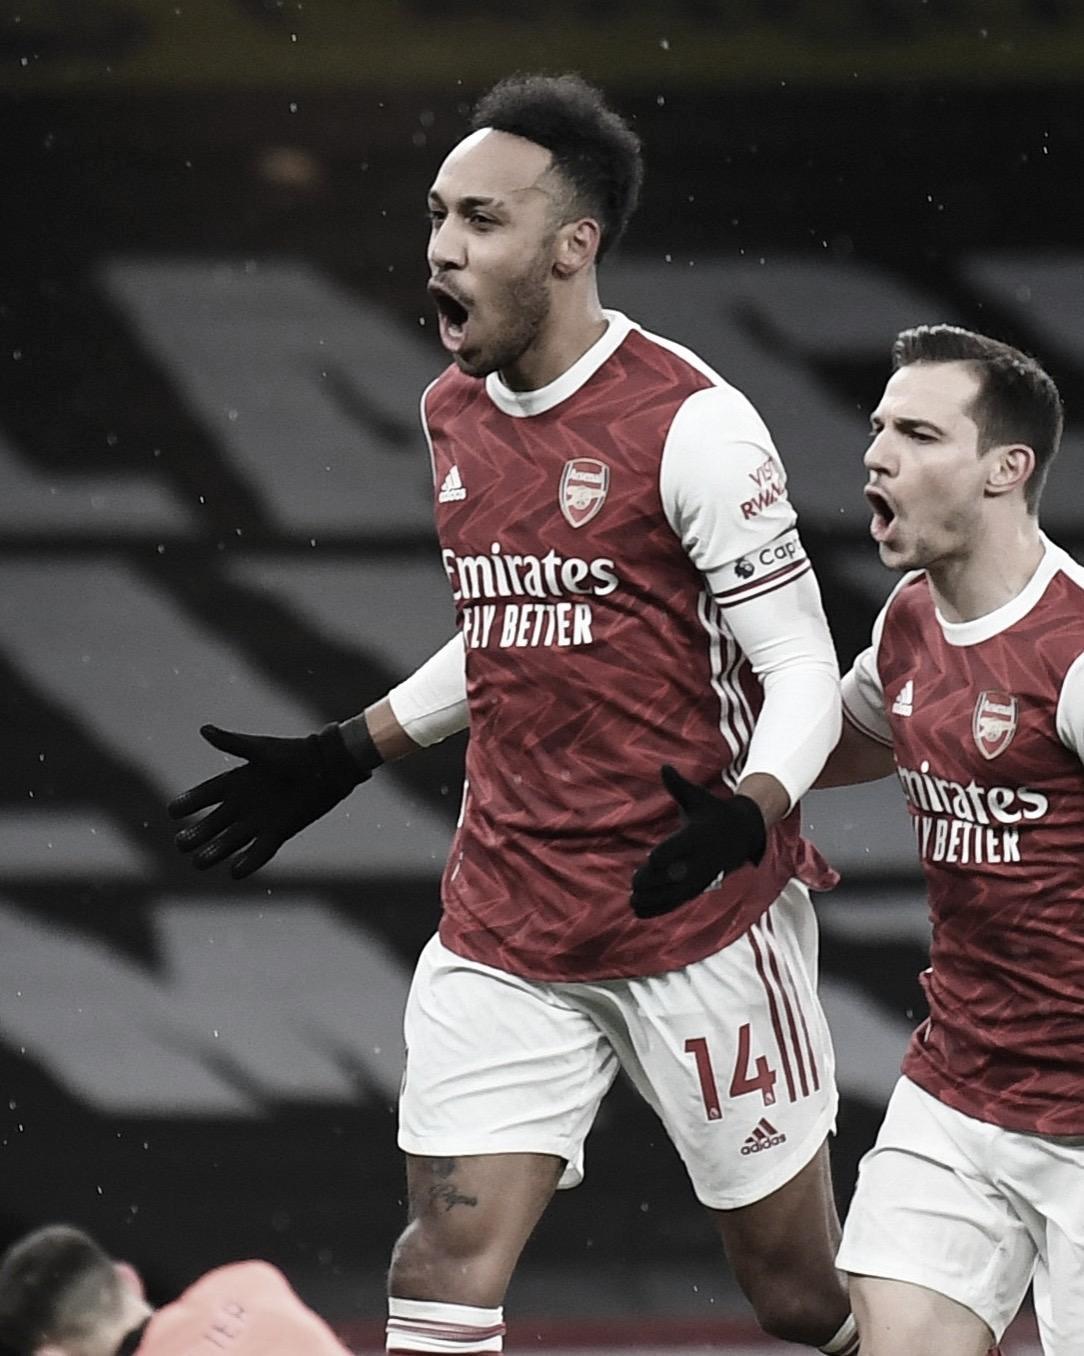 El primer hat-trick de Aubameyang le da la victoria al Arsenal